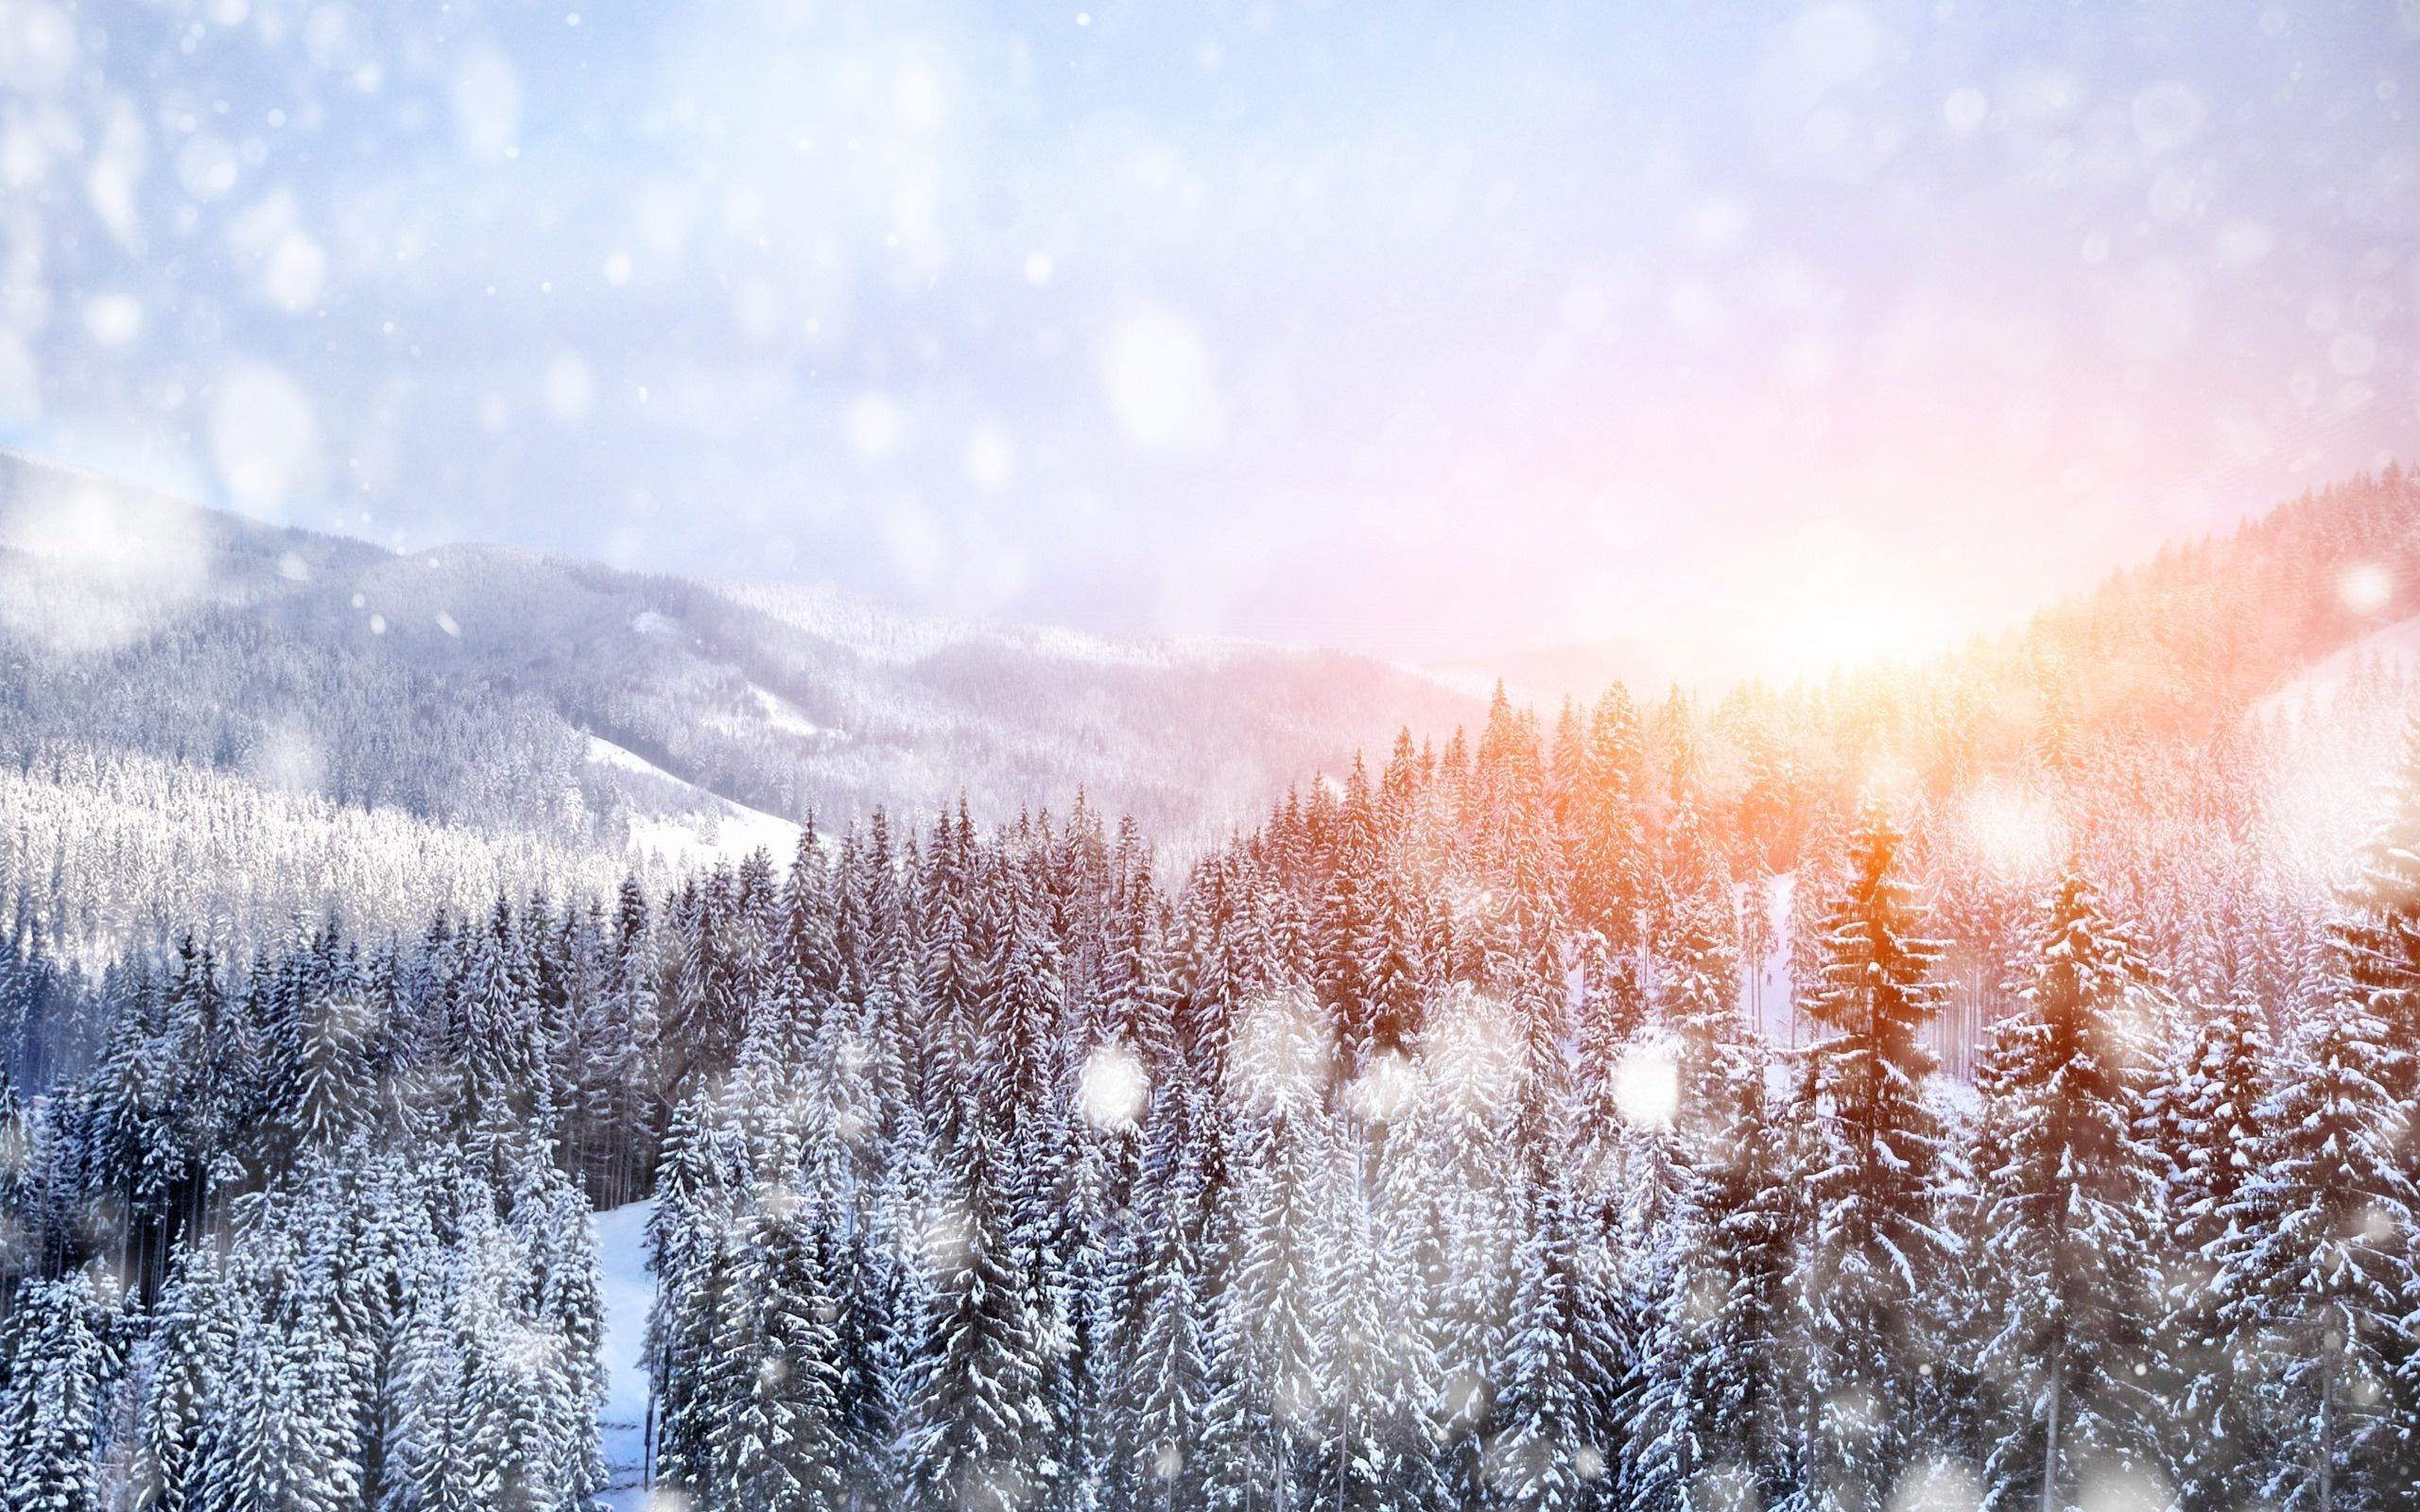 природа снег зима деревья горы  № 2577071 загрузить